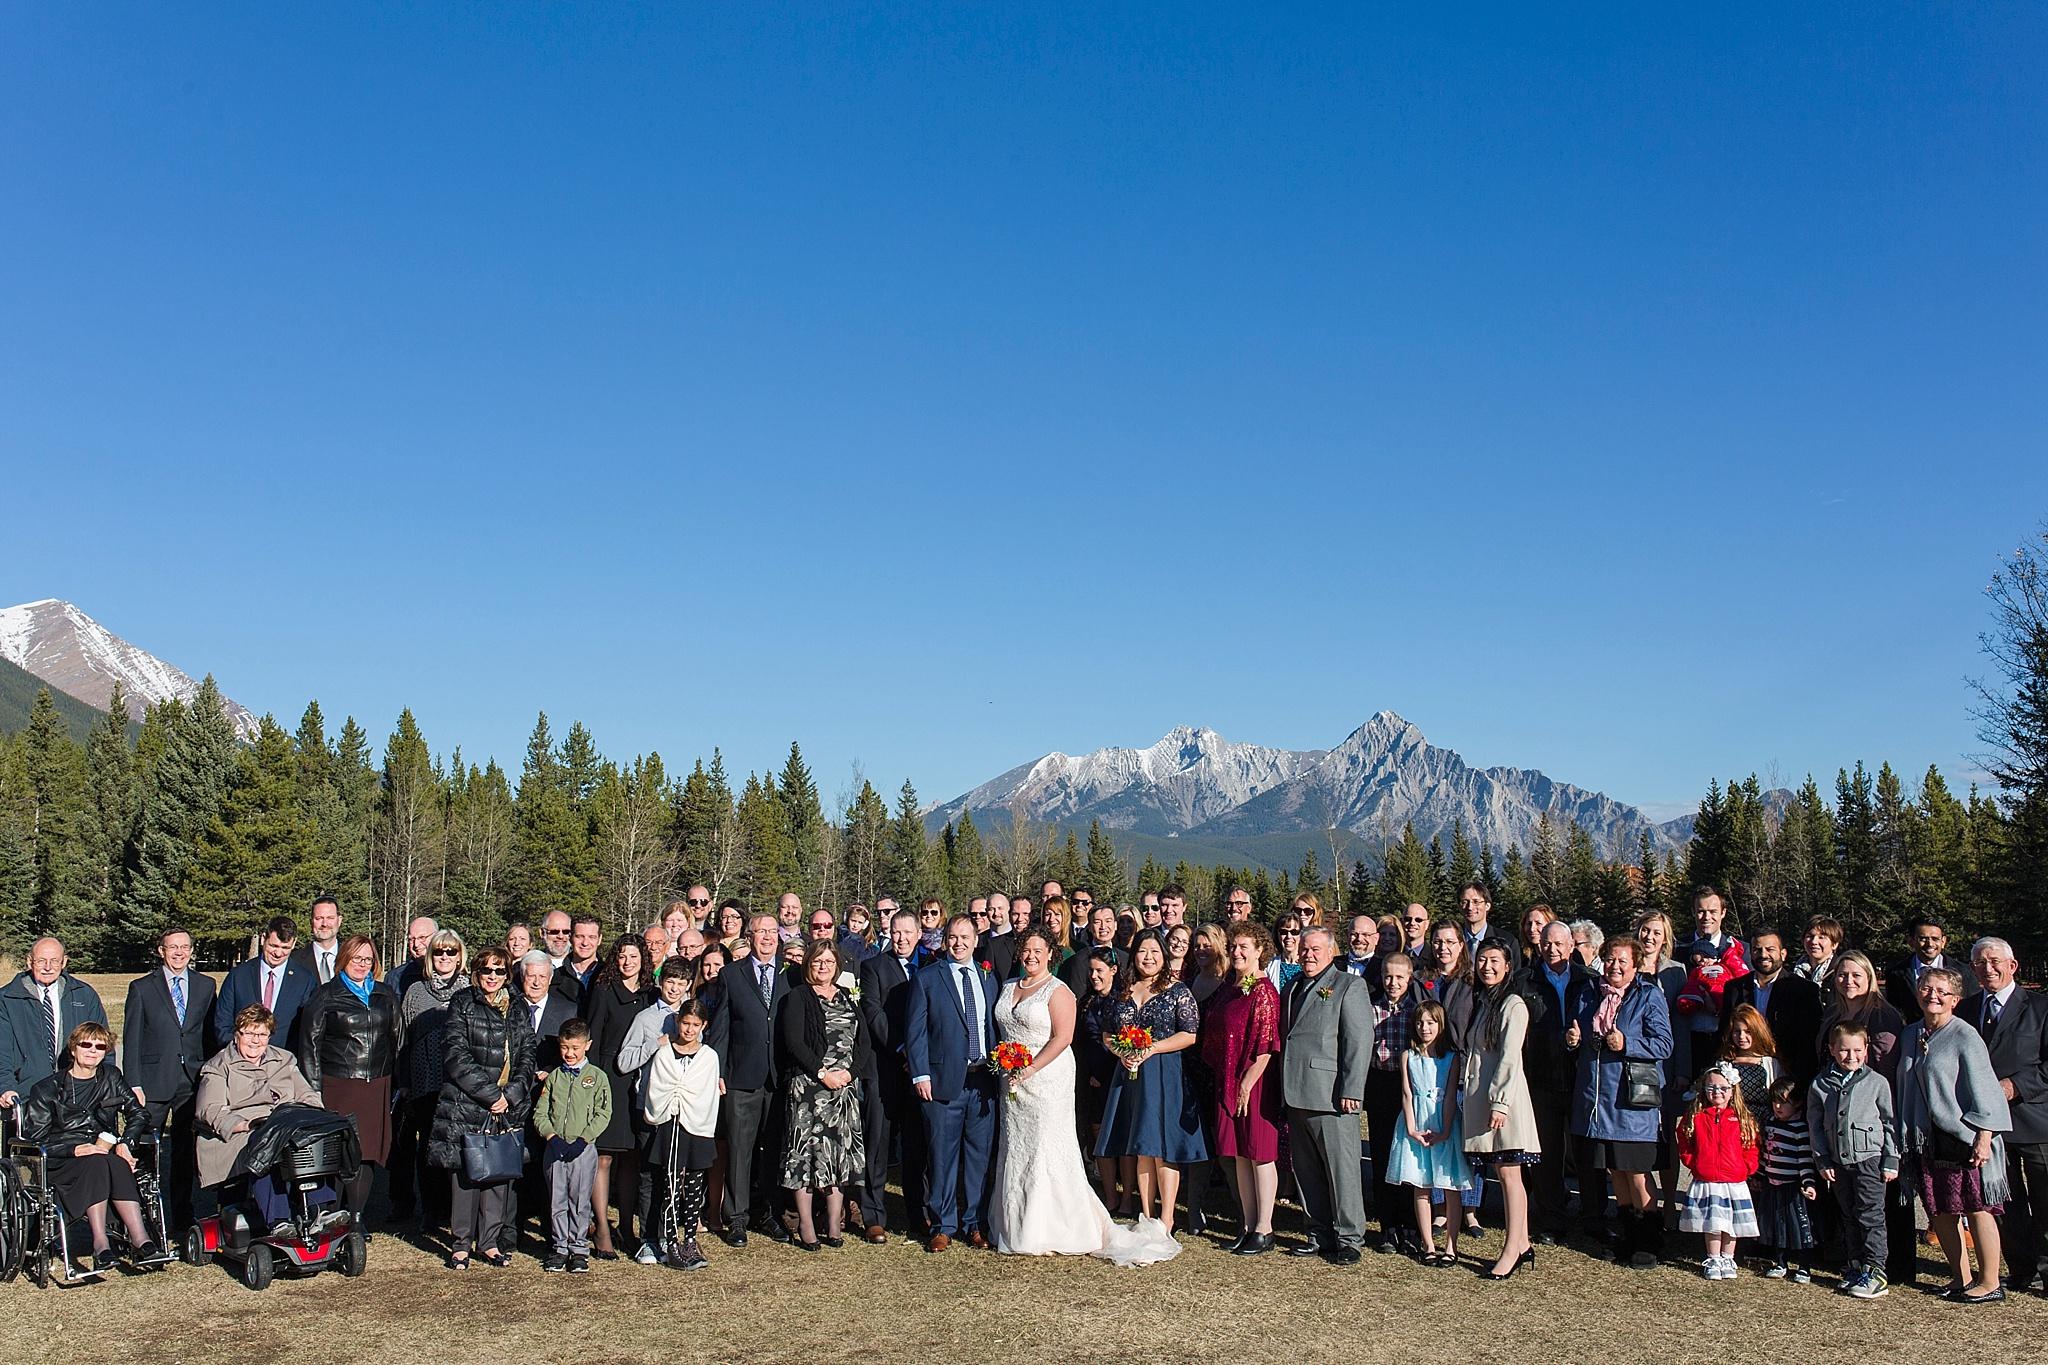 Delta-kananaskis-wedding068.JPG